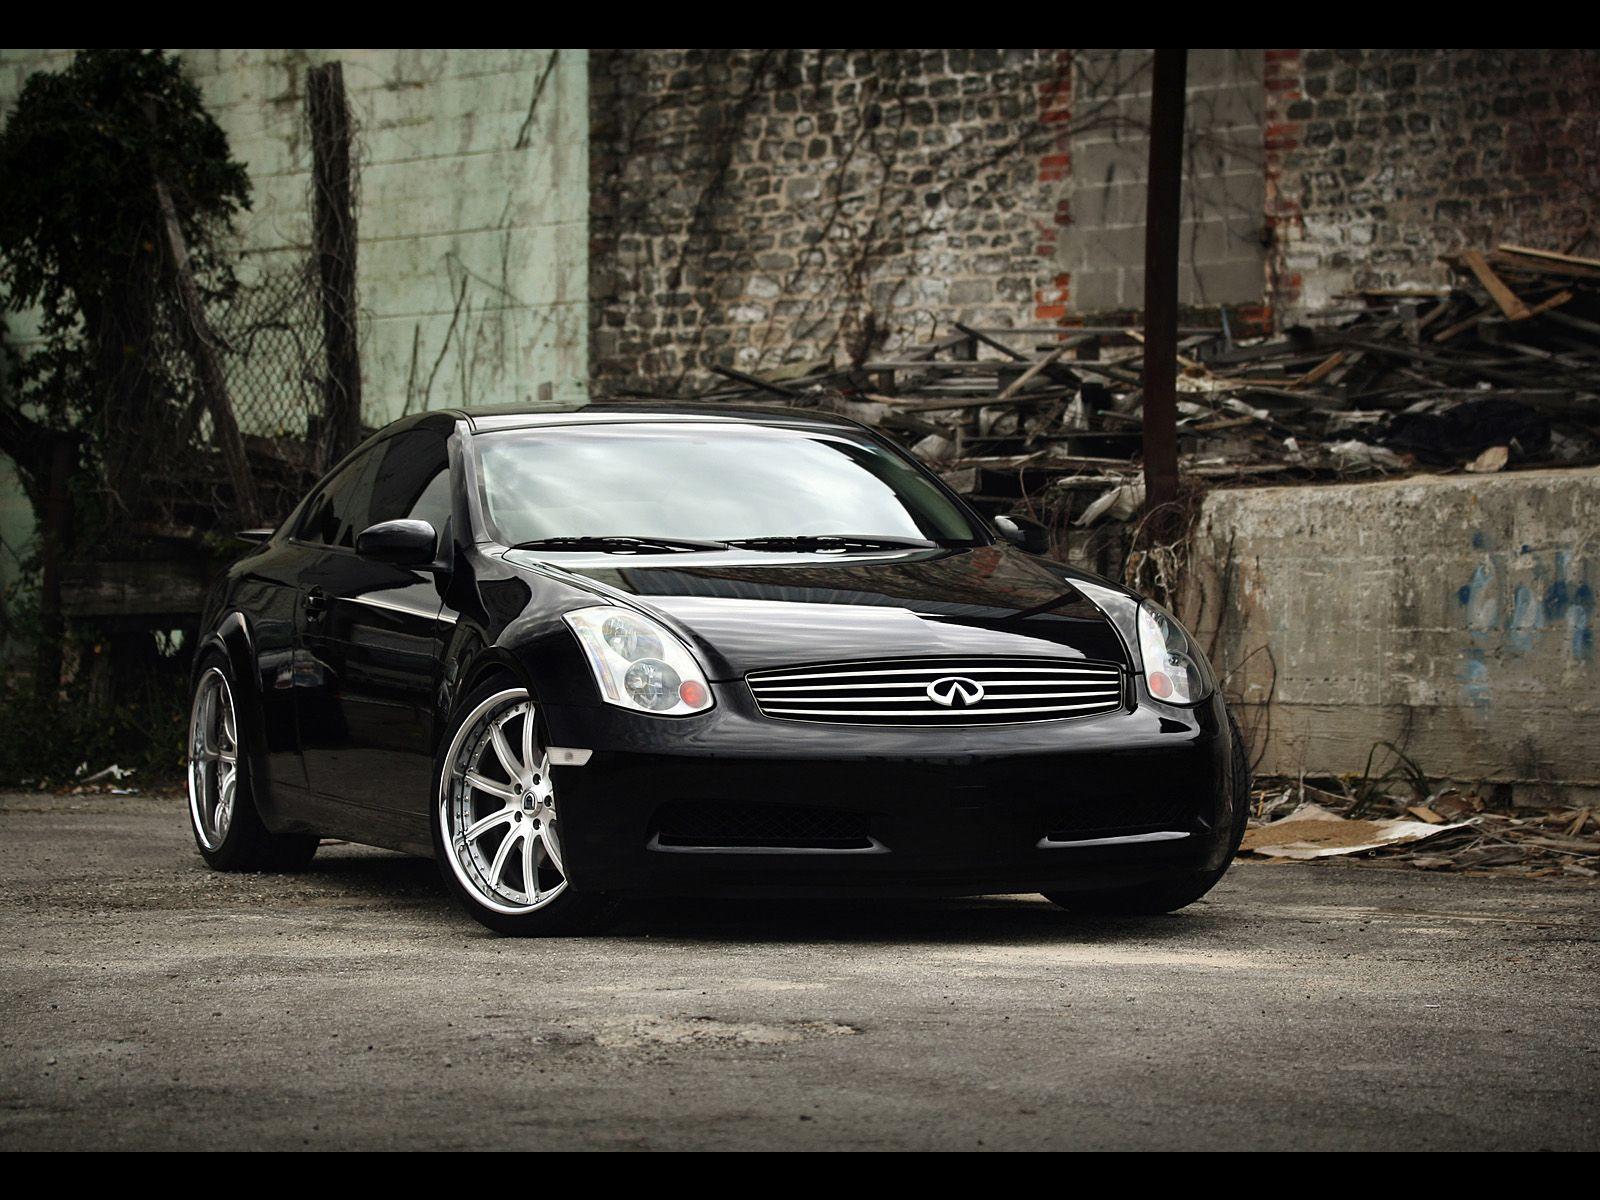 Infiniti G35 Sports coupe, Infiniti, Nissan infiniti